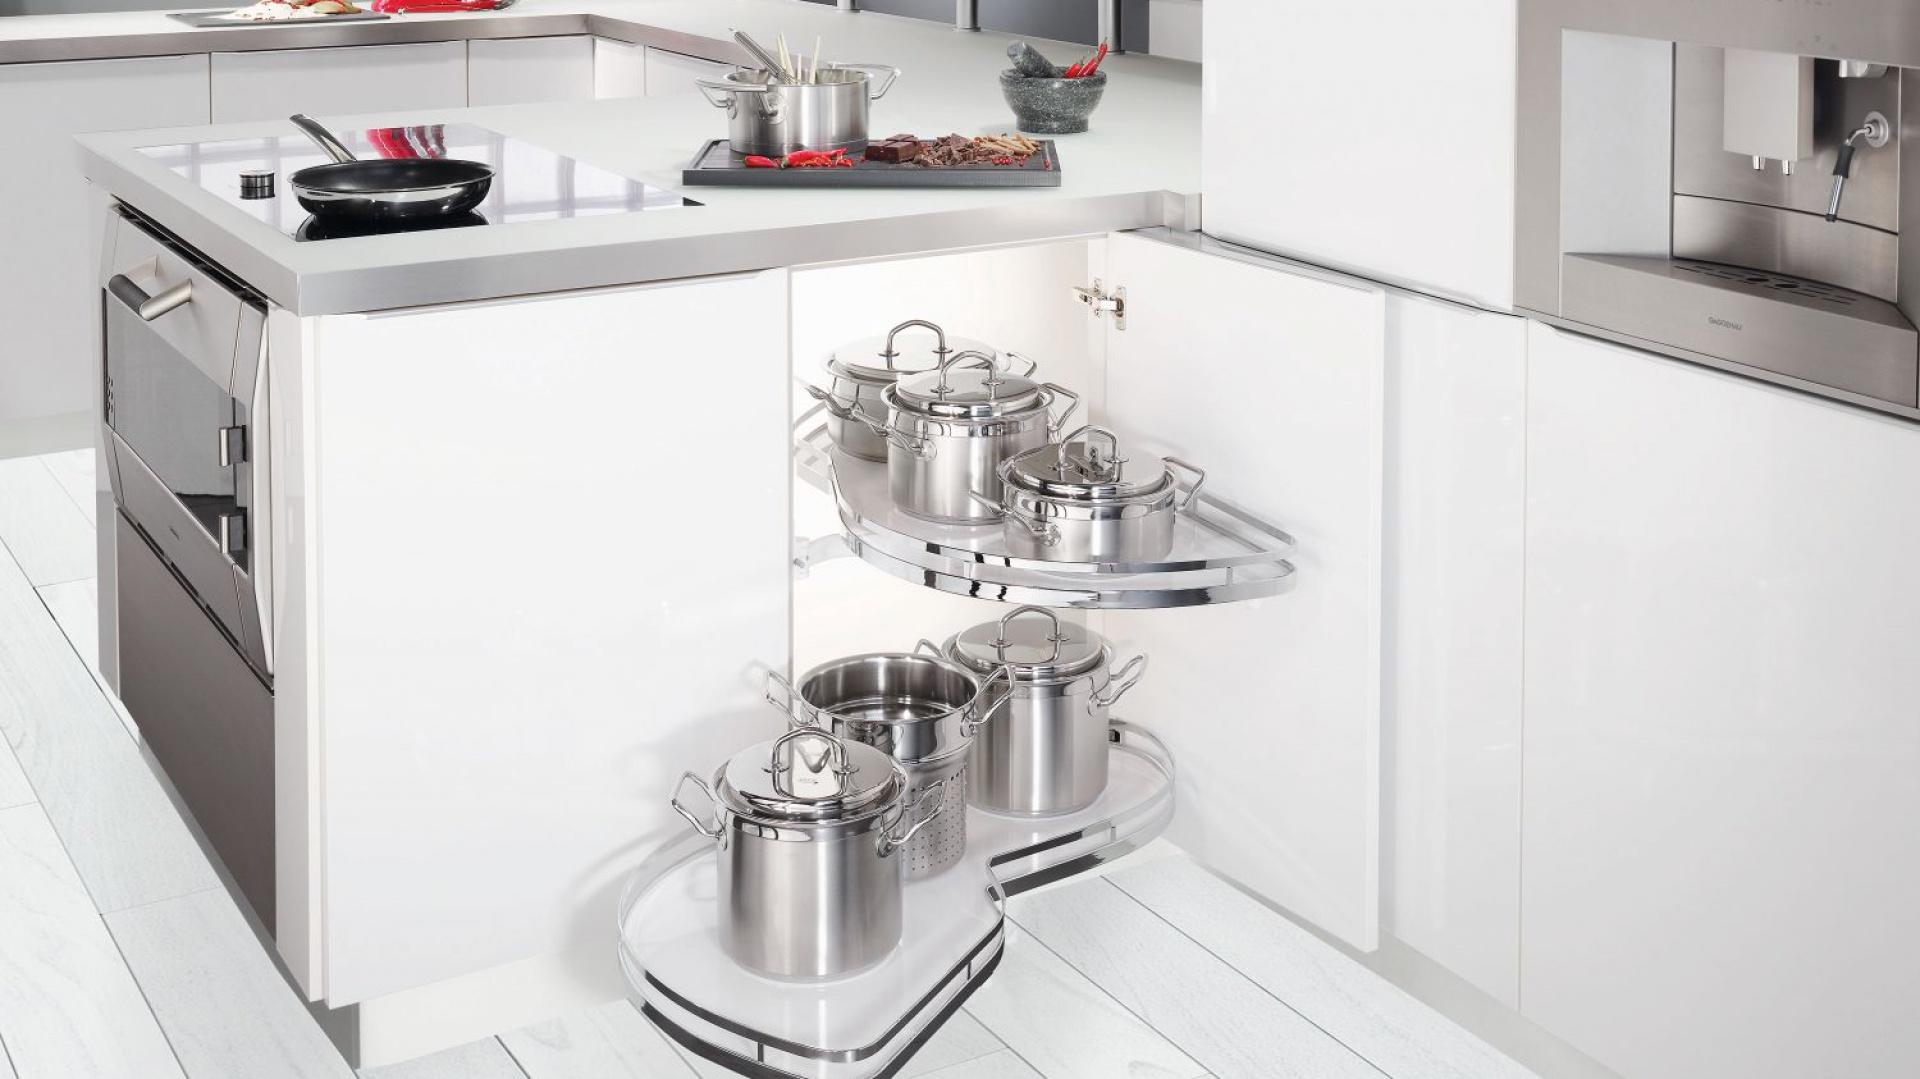 Systemy narożne pozwalają na maksymalne użycie powierzchni w rogach zabudowy kuchennej, która często pozostaje niewykorzystana. Fot. Peka.